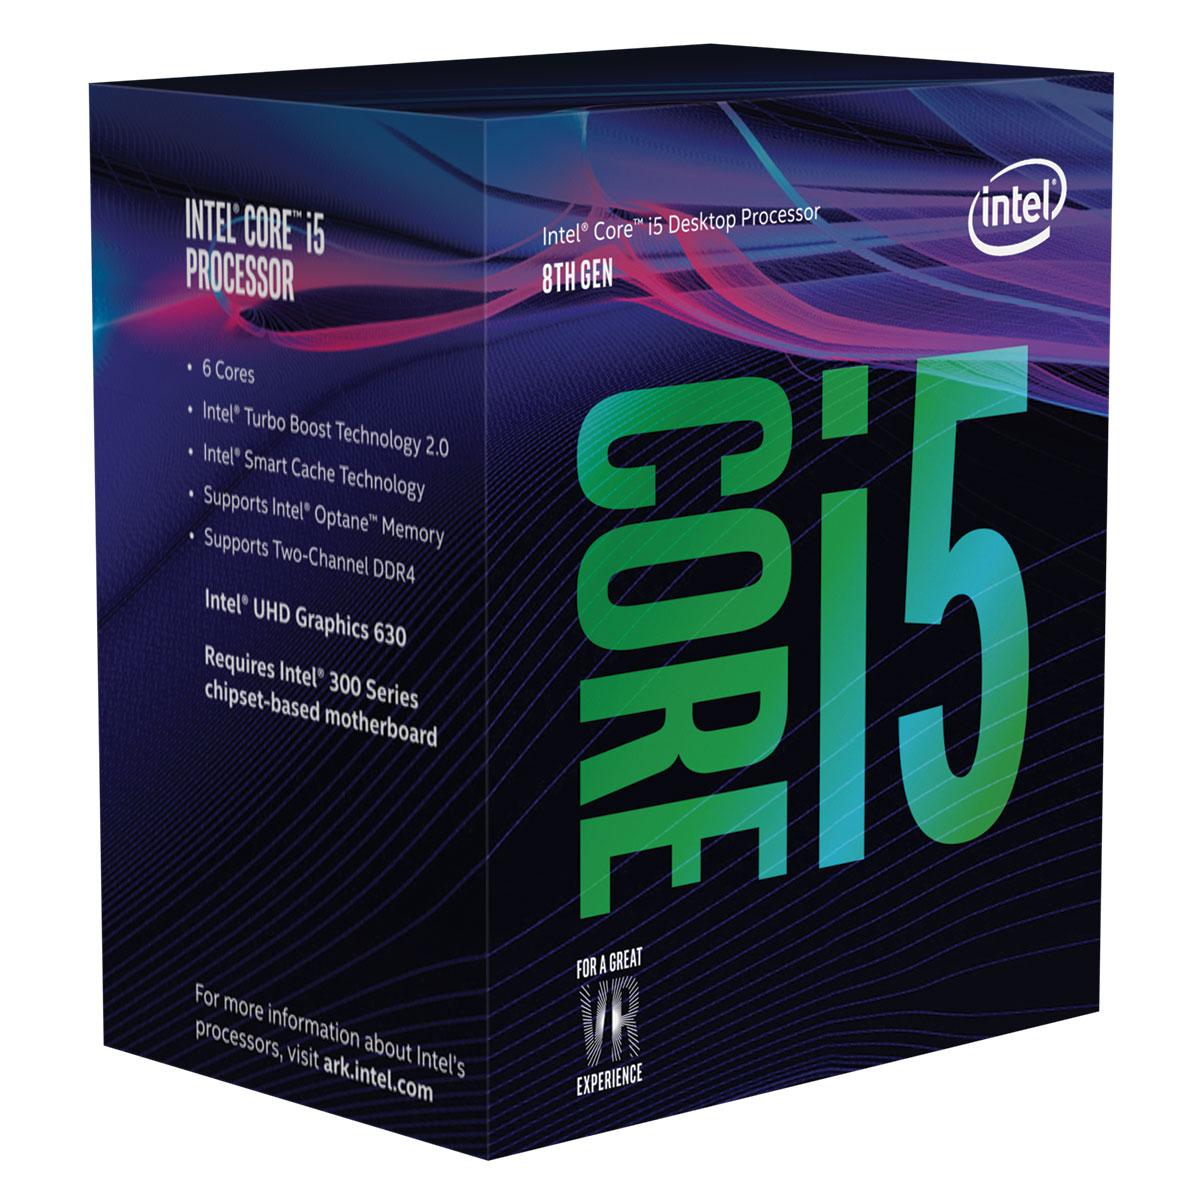 Processeur Intel Core i5-8400 (2.8 GHz) Processeur 6-Core Socket 1151 Cache L3 9 Mo Intel UHD Graphics 630 0.014 micron (version boîte - garantie Intel 3 ans)